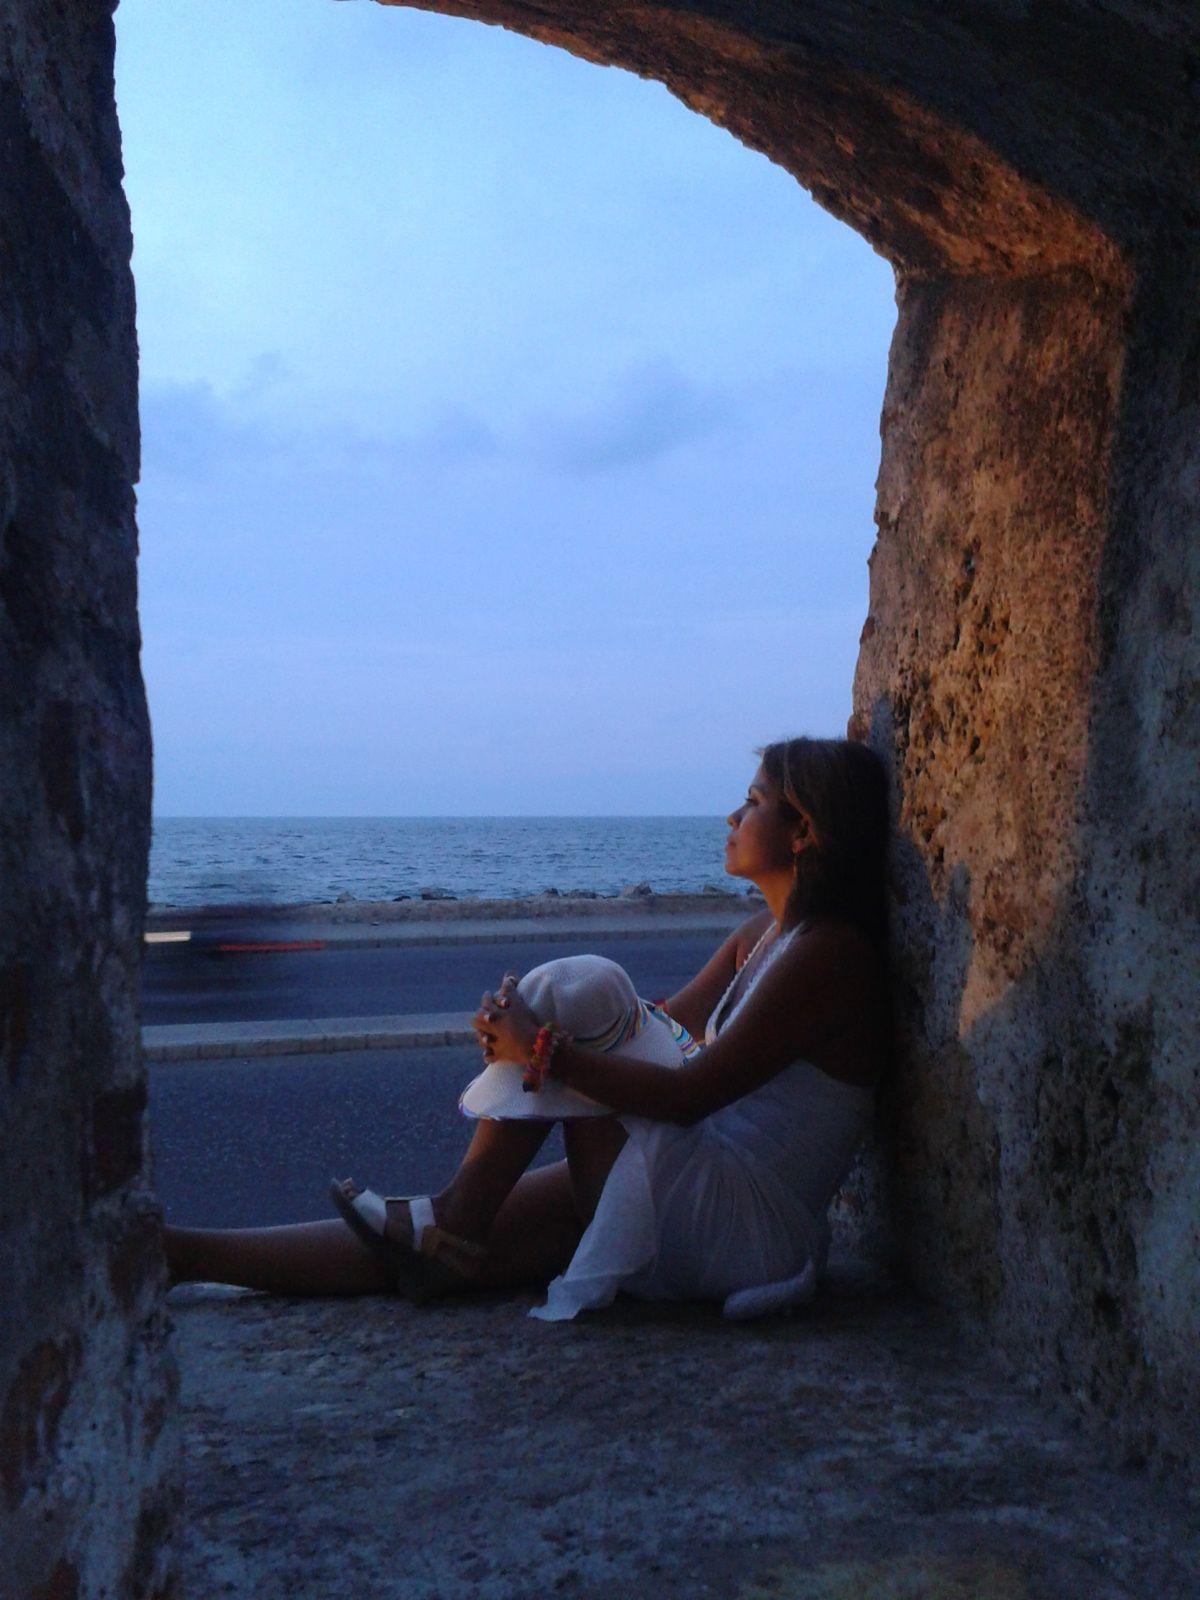 viajando al pasado en la ciudad amurallada - Cartagena